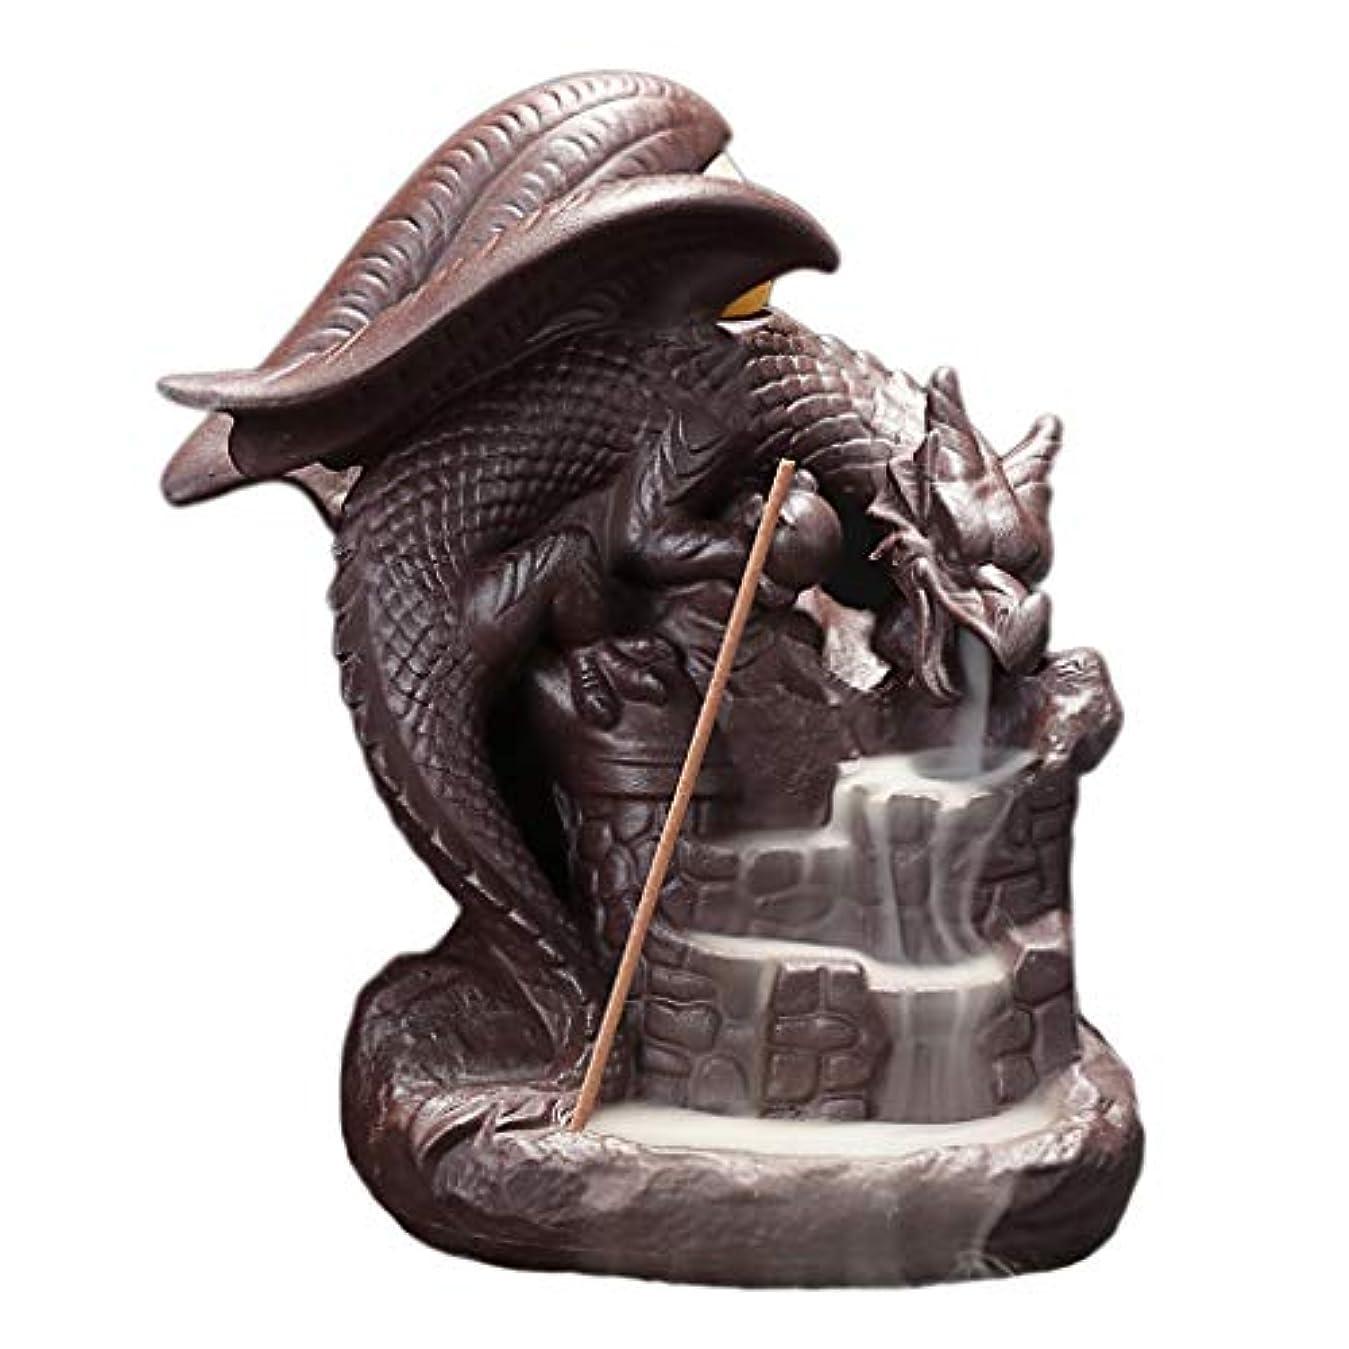 ハドル灰キャリッジセラミック逆流香炉ドラゴン磁器香スティックコーンバーナーホルダーホームフレグランス工芸品装飾香ホルダー (Color : Brown, サイズ : 5.11*6.29 inches)